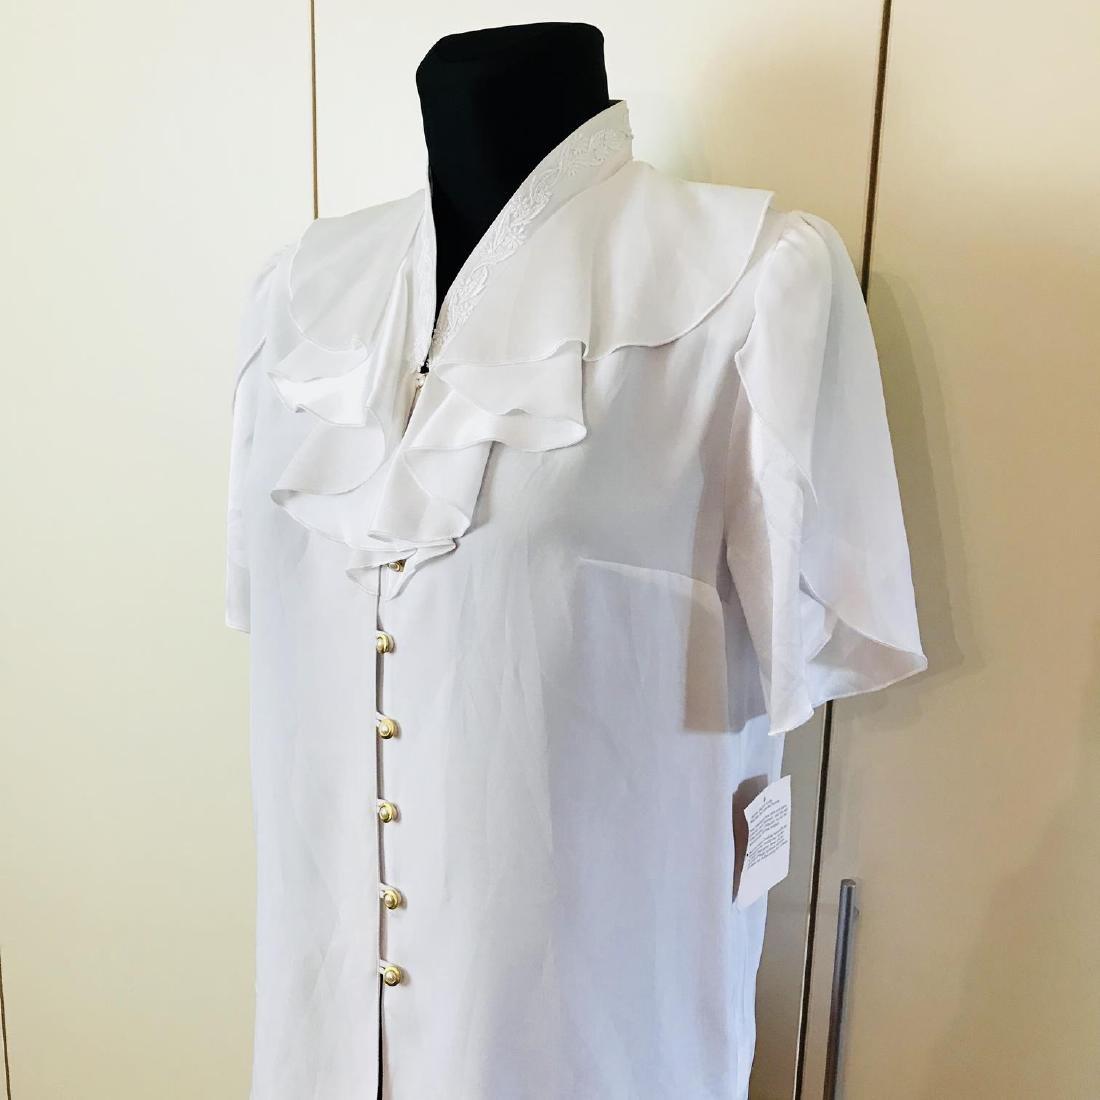 1960s Vintage Women's Blouse Shirt Top - 2